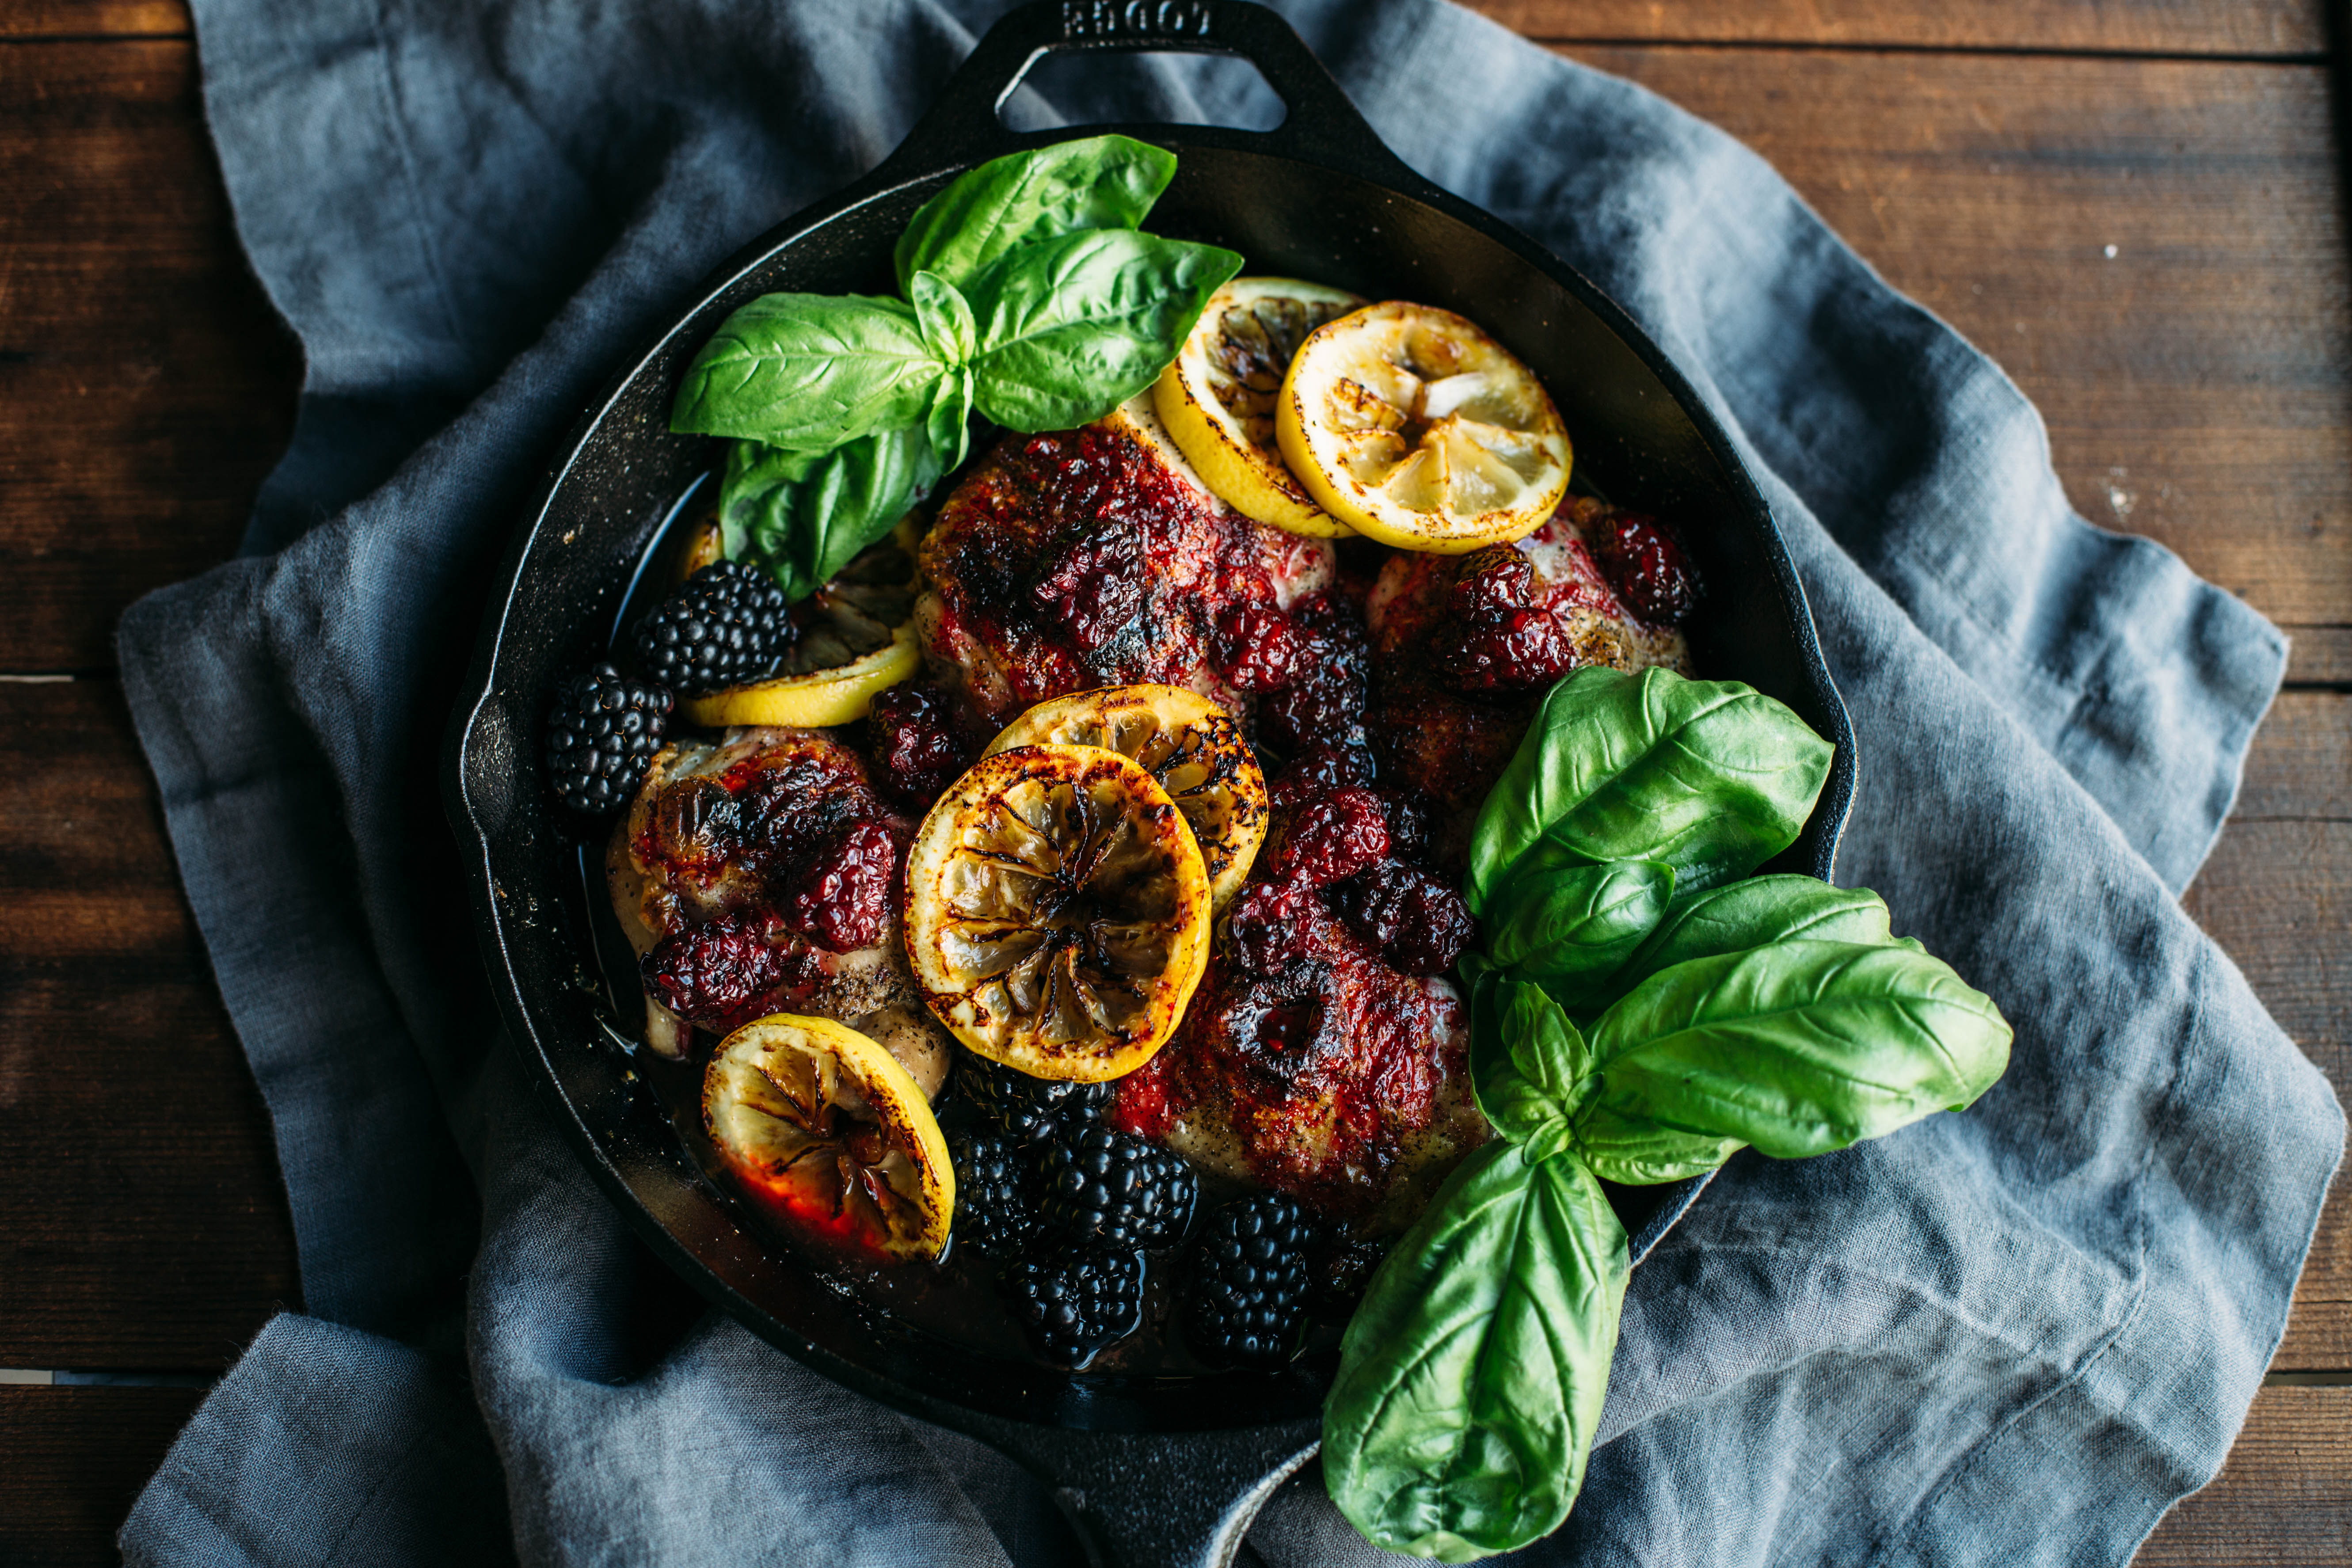 Blackberry & Lemon Glazed Chicken Thighs